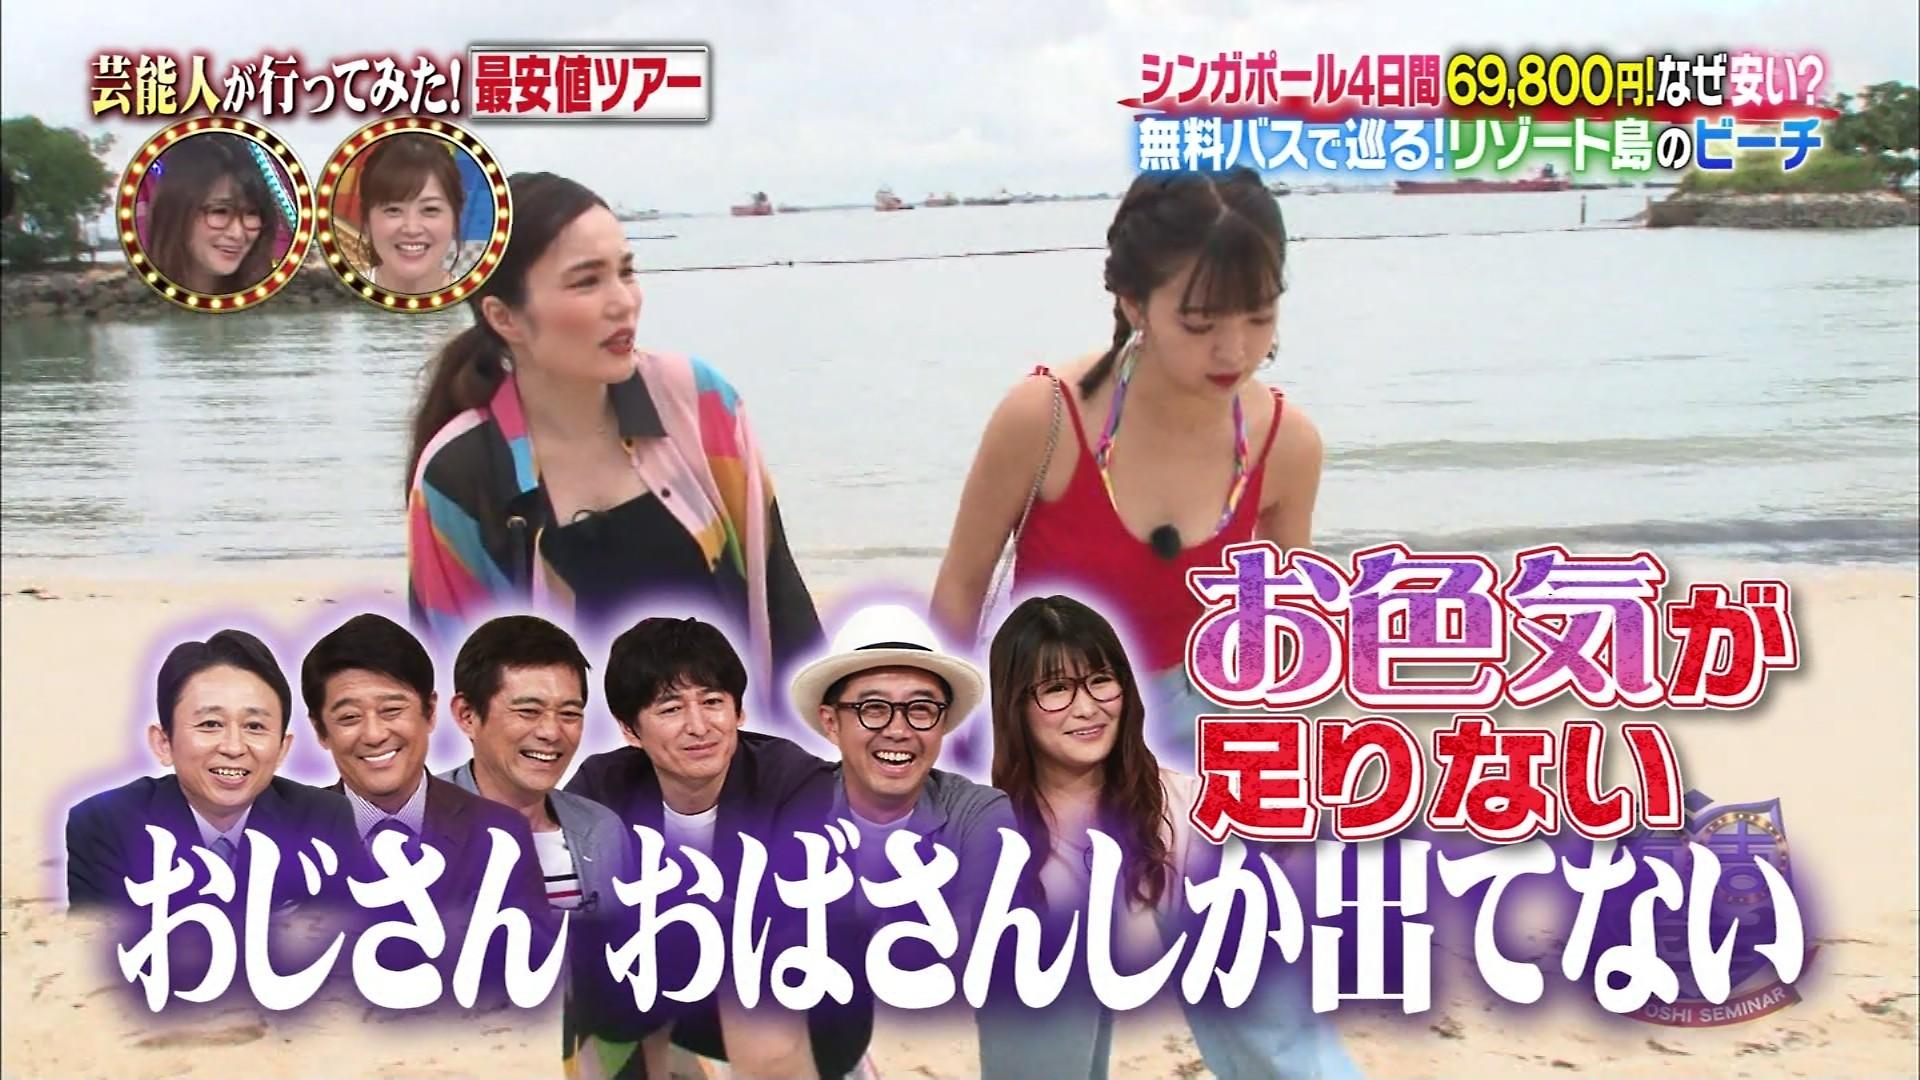 藤田ニコル_モデル_ビキニ水着_テレビキャプ画像_08